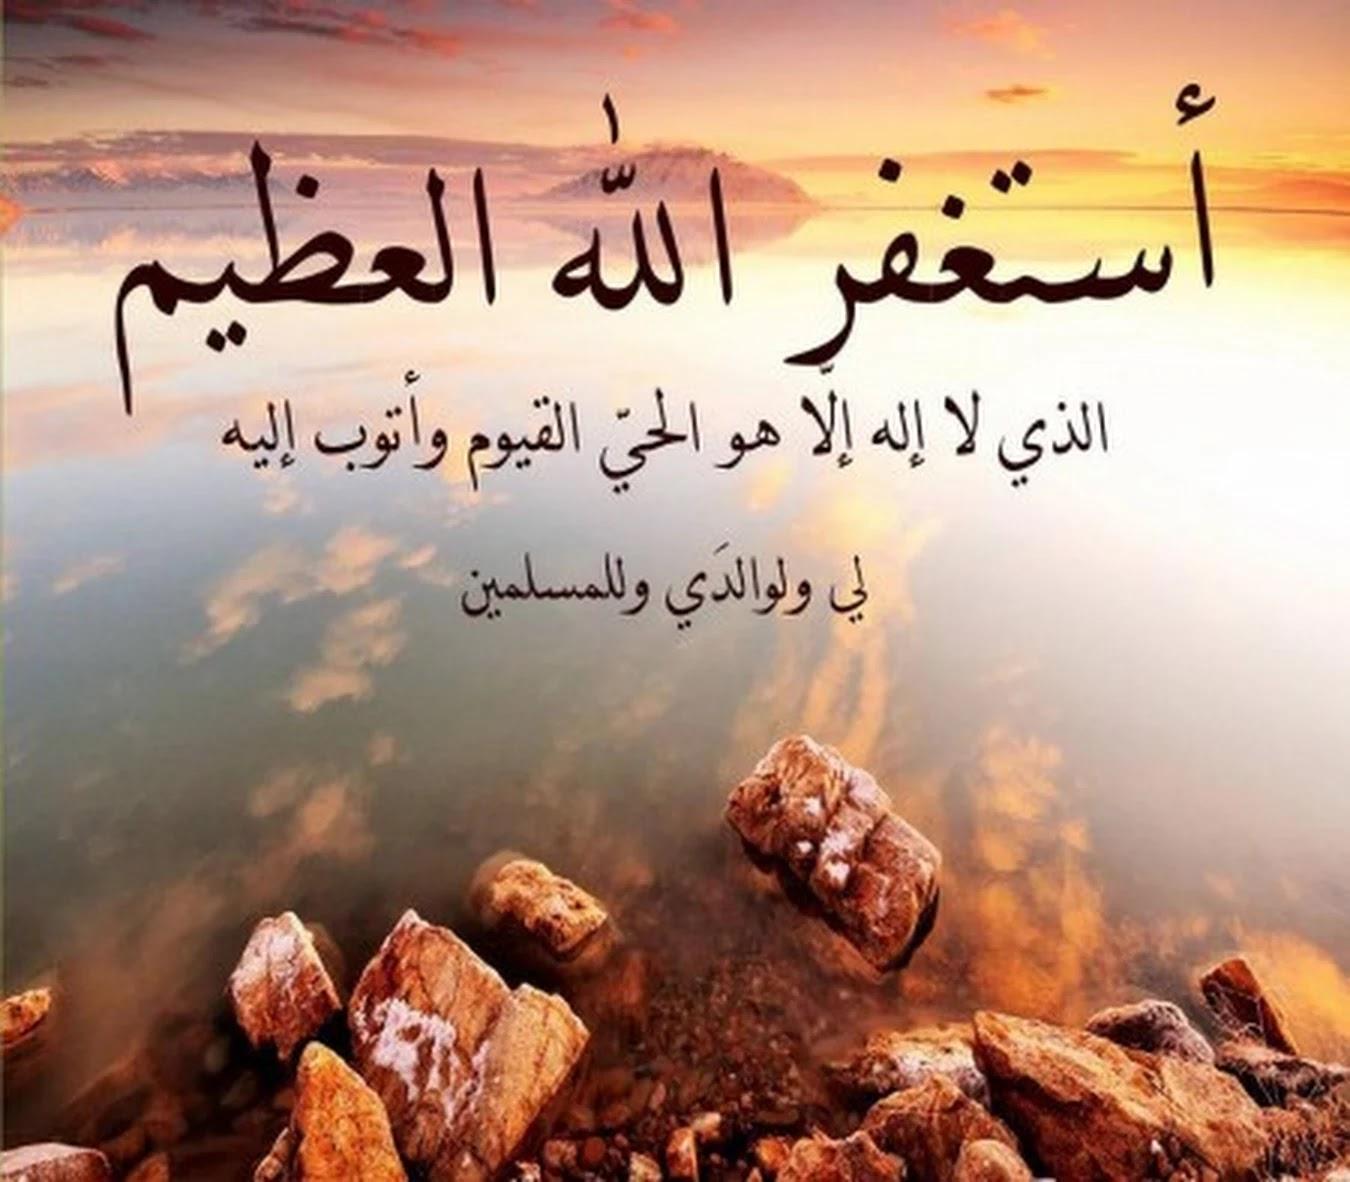 بالصور ادعية دينية مصورة , ادعوا الله وانتم موقنون بالاجابه 6057 10